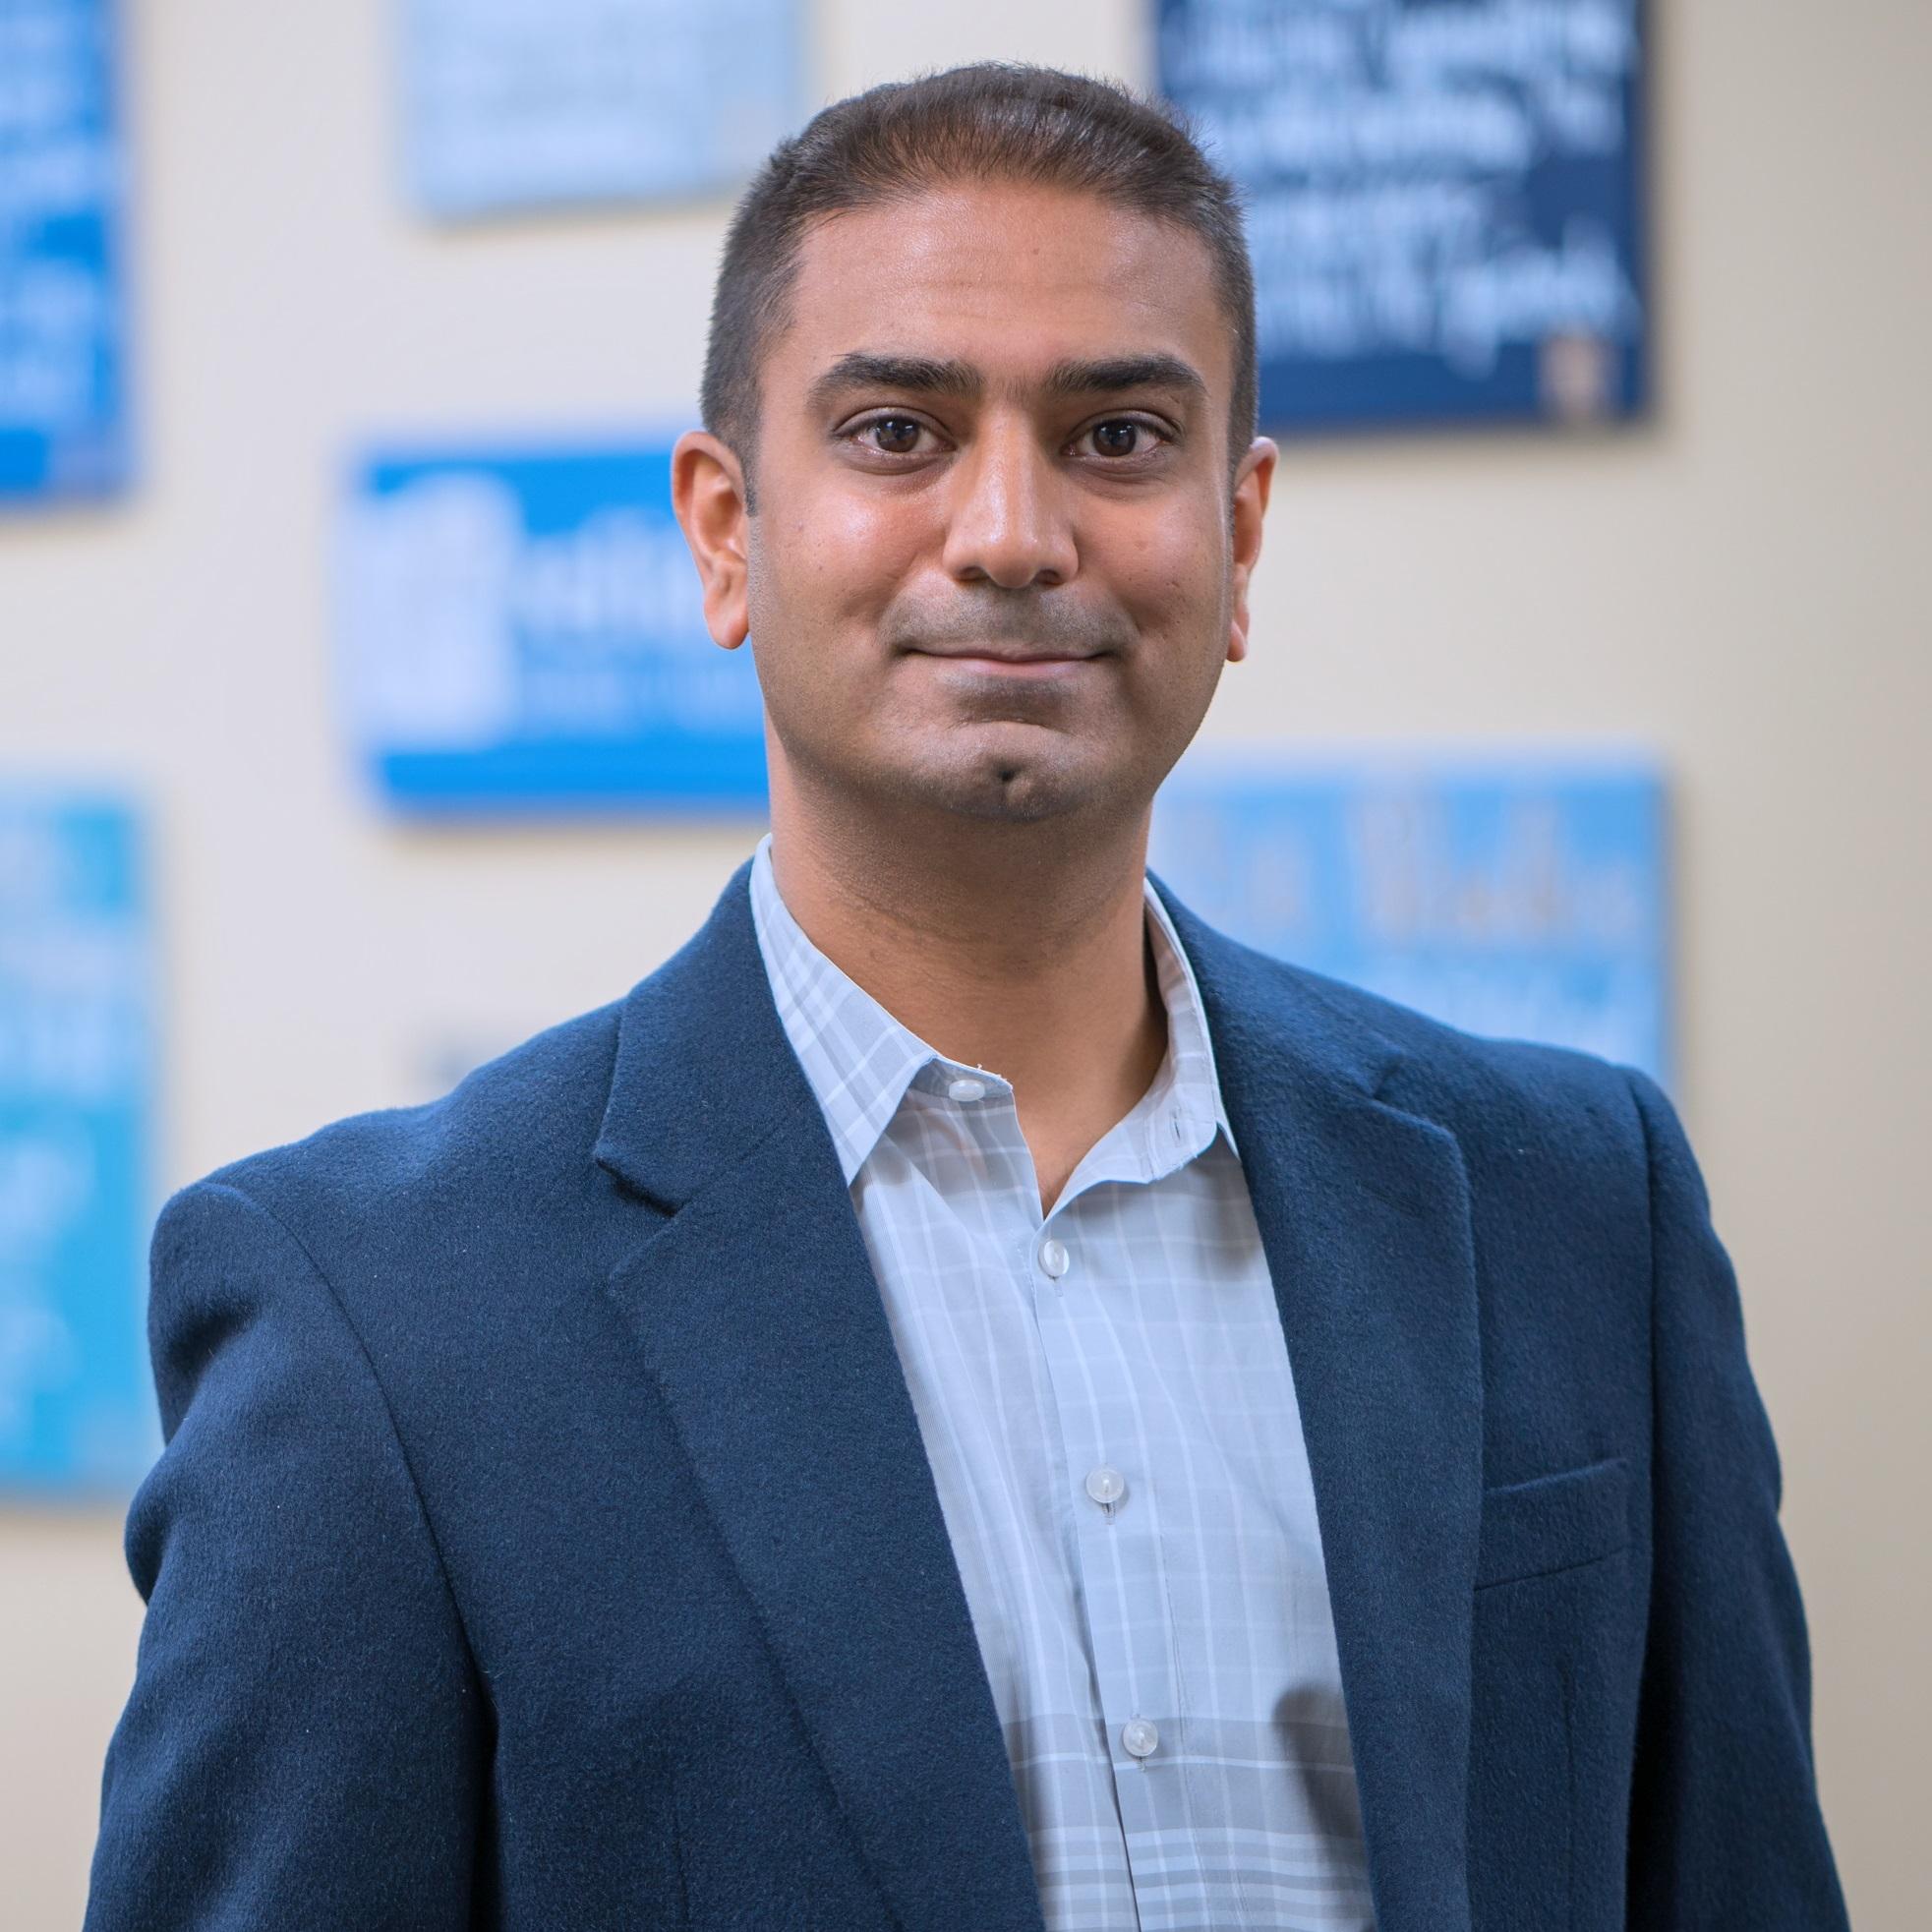 Rohul Patel, MCMEA